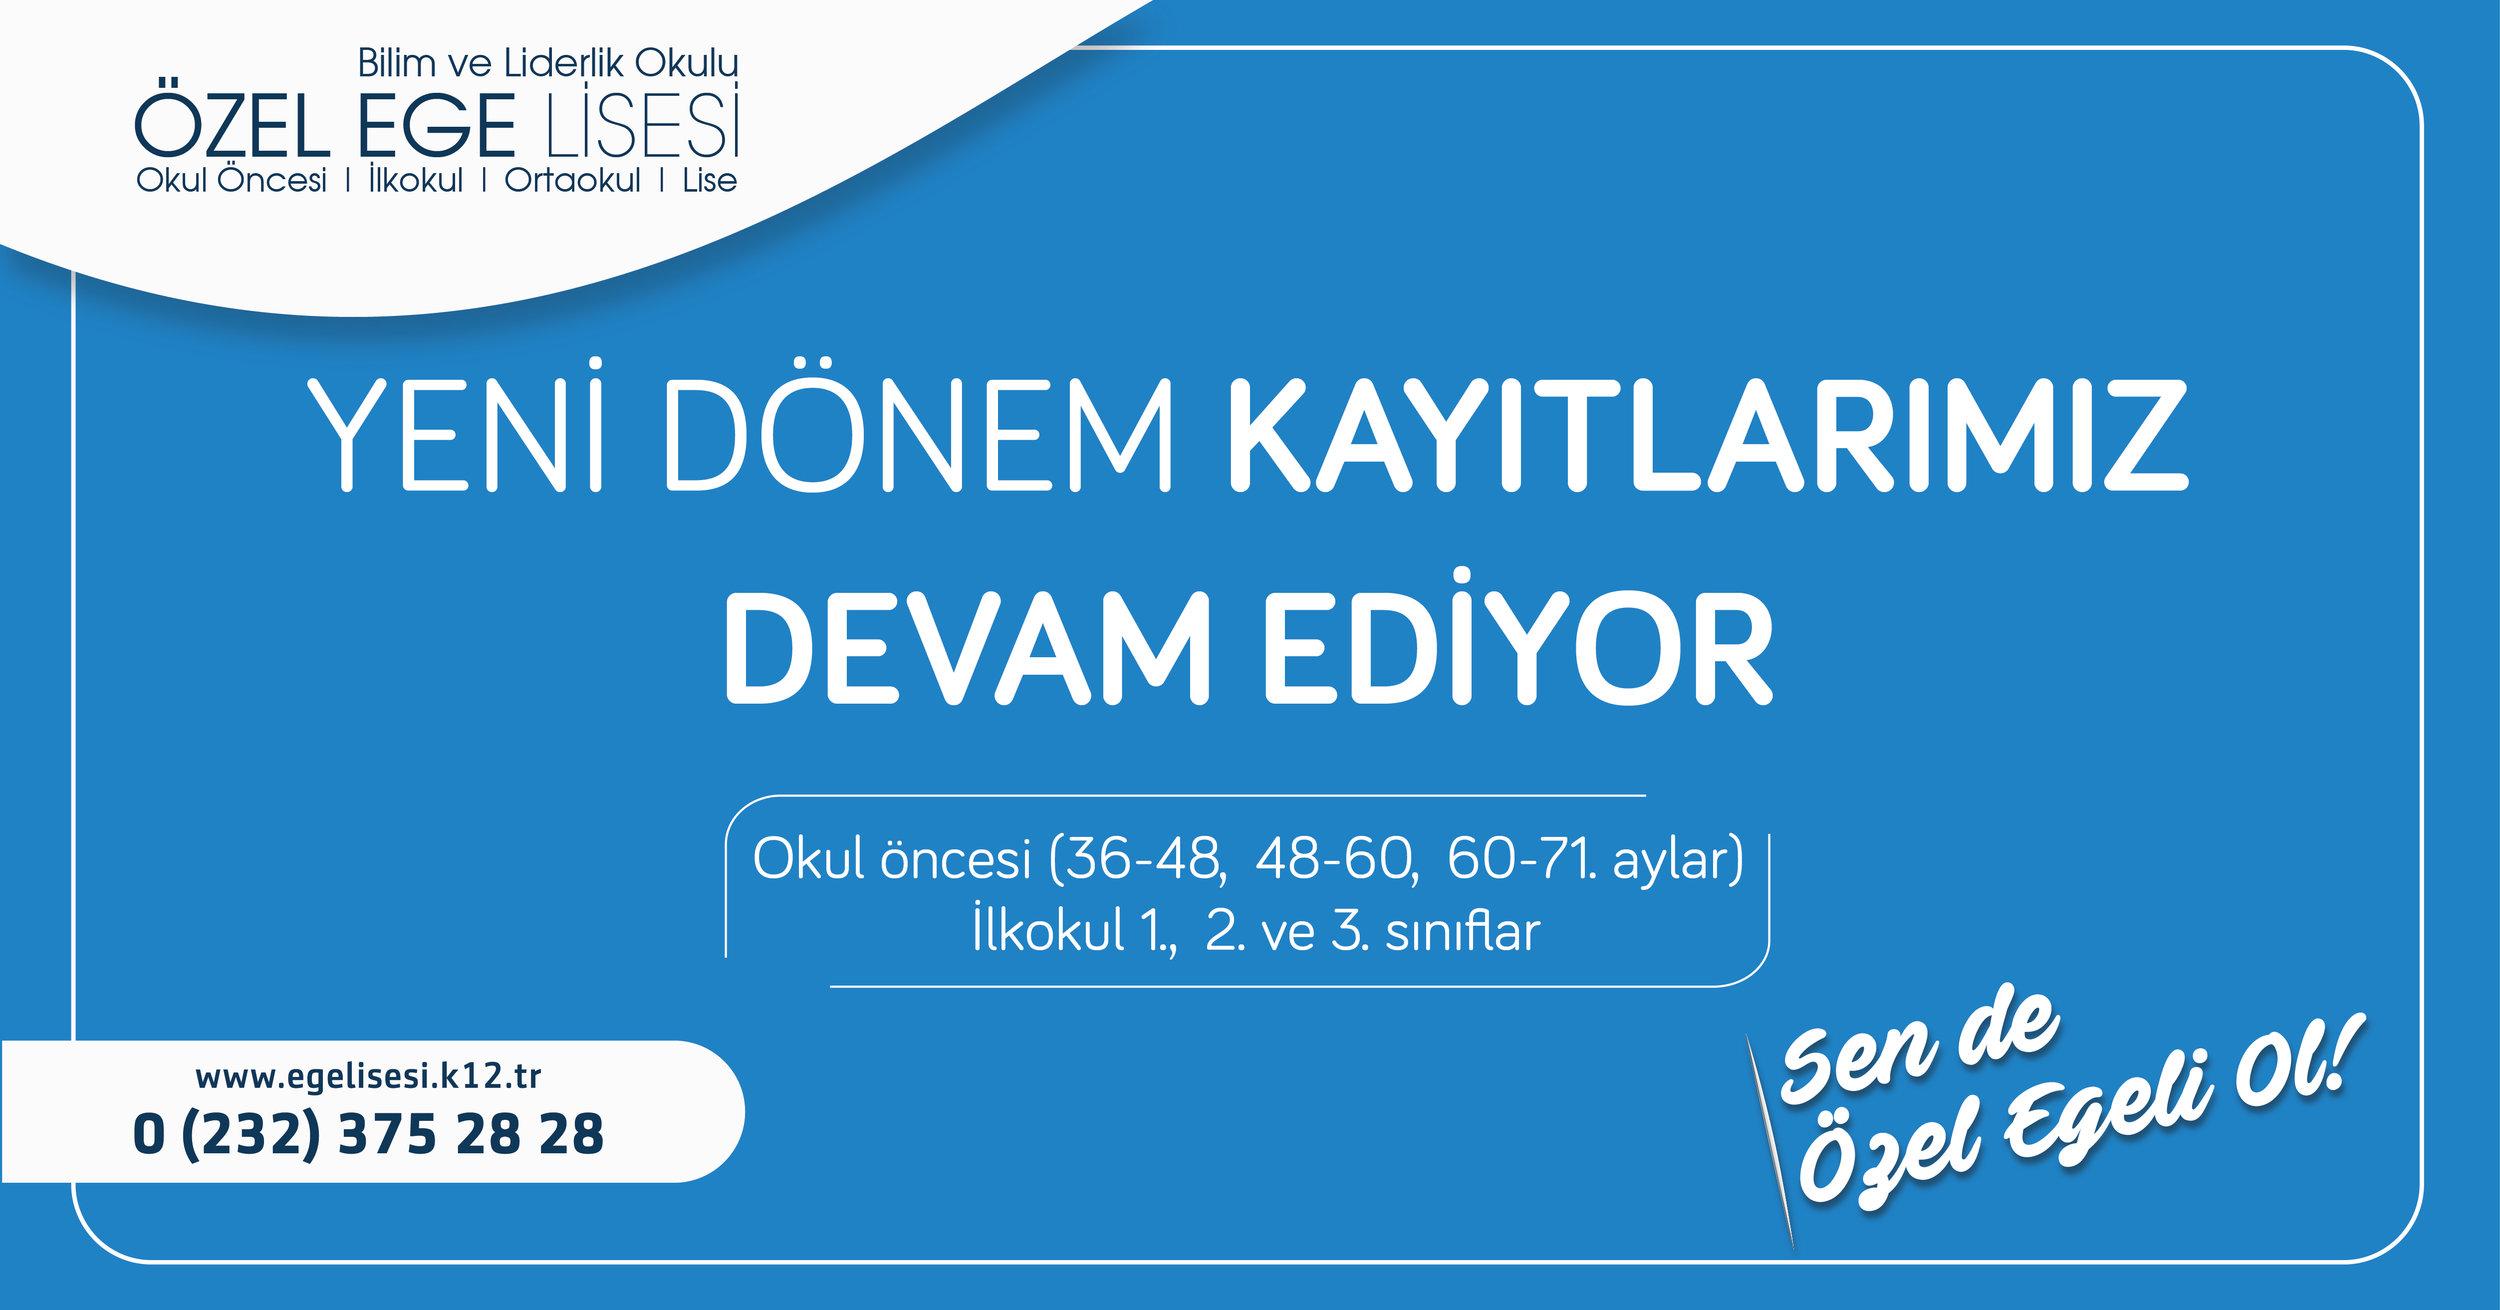 2019-2020 REKLAM ÇALIŞMALARI-17.jpg